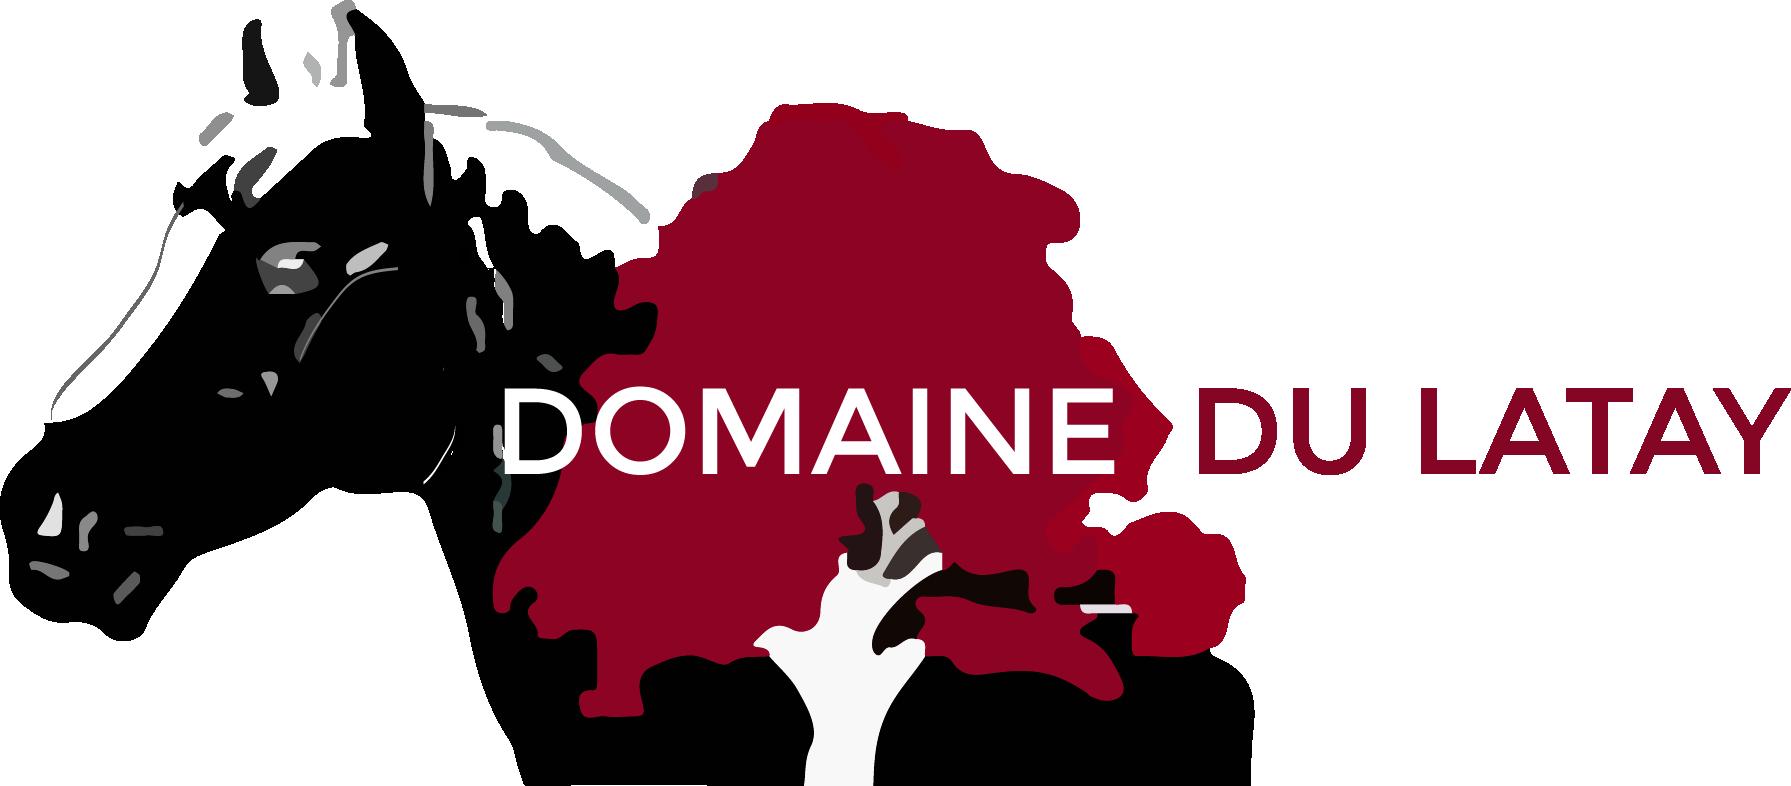 Domaine du Latay – Centre équestre et écurie de propriétaires en Loire-Atlantique (44)